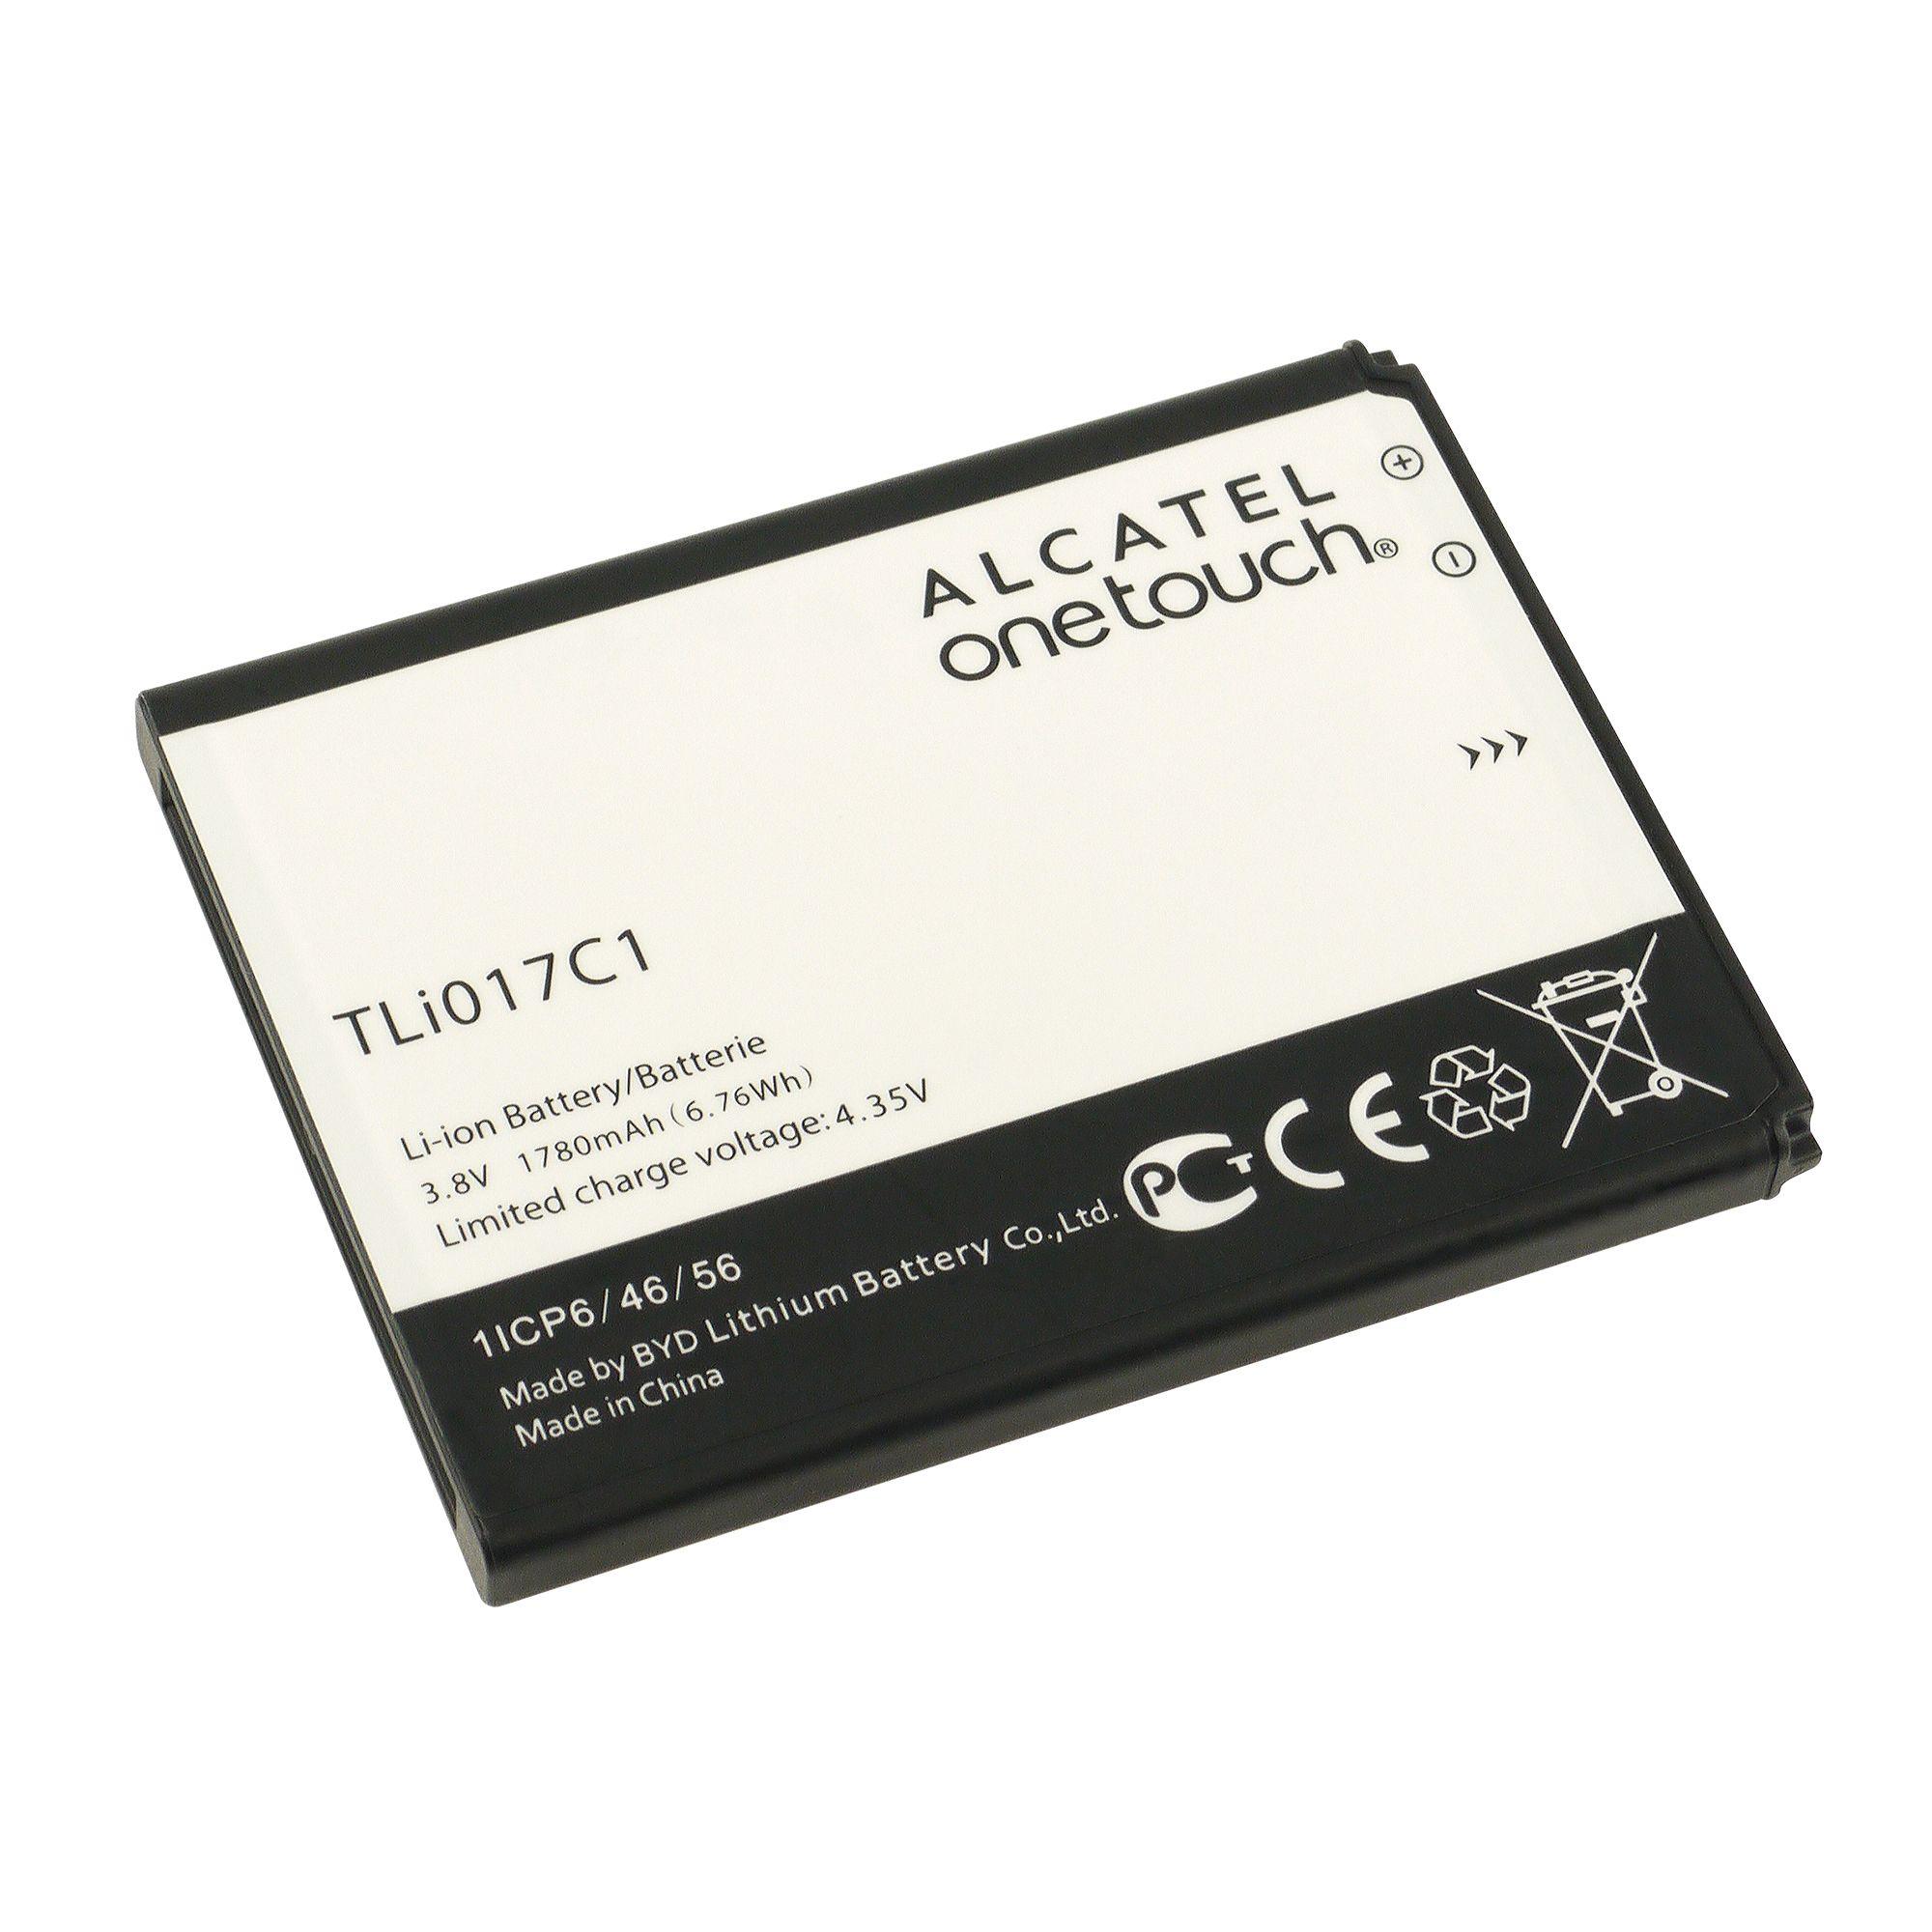 For Alcatel Dawn Replacement OEM Standard Battery TLi017C1 1780mAh (Refurbished)